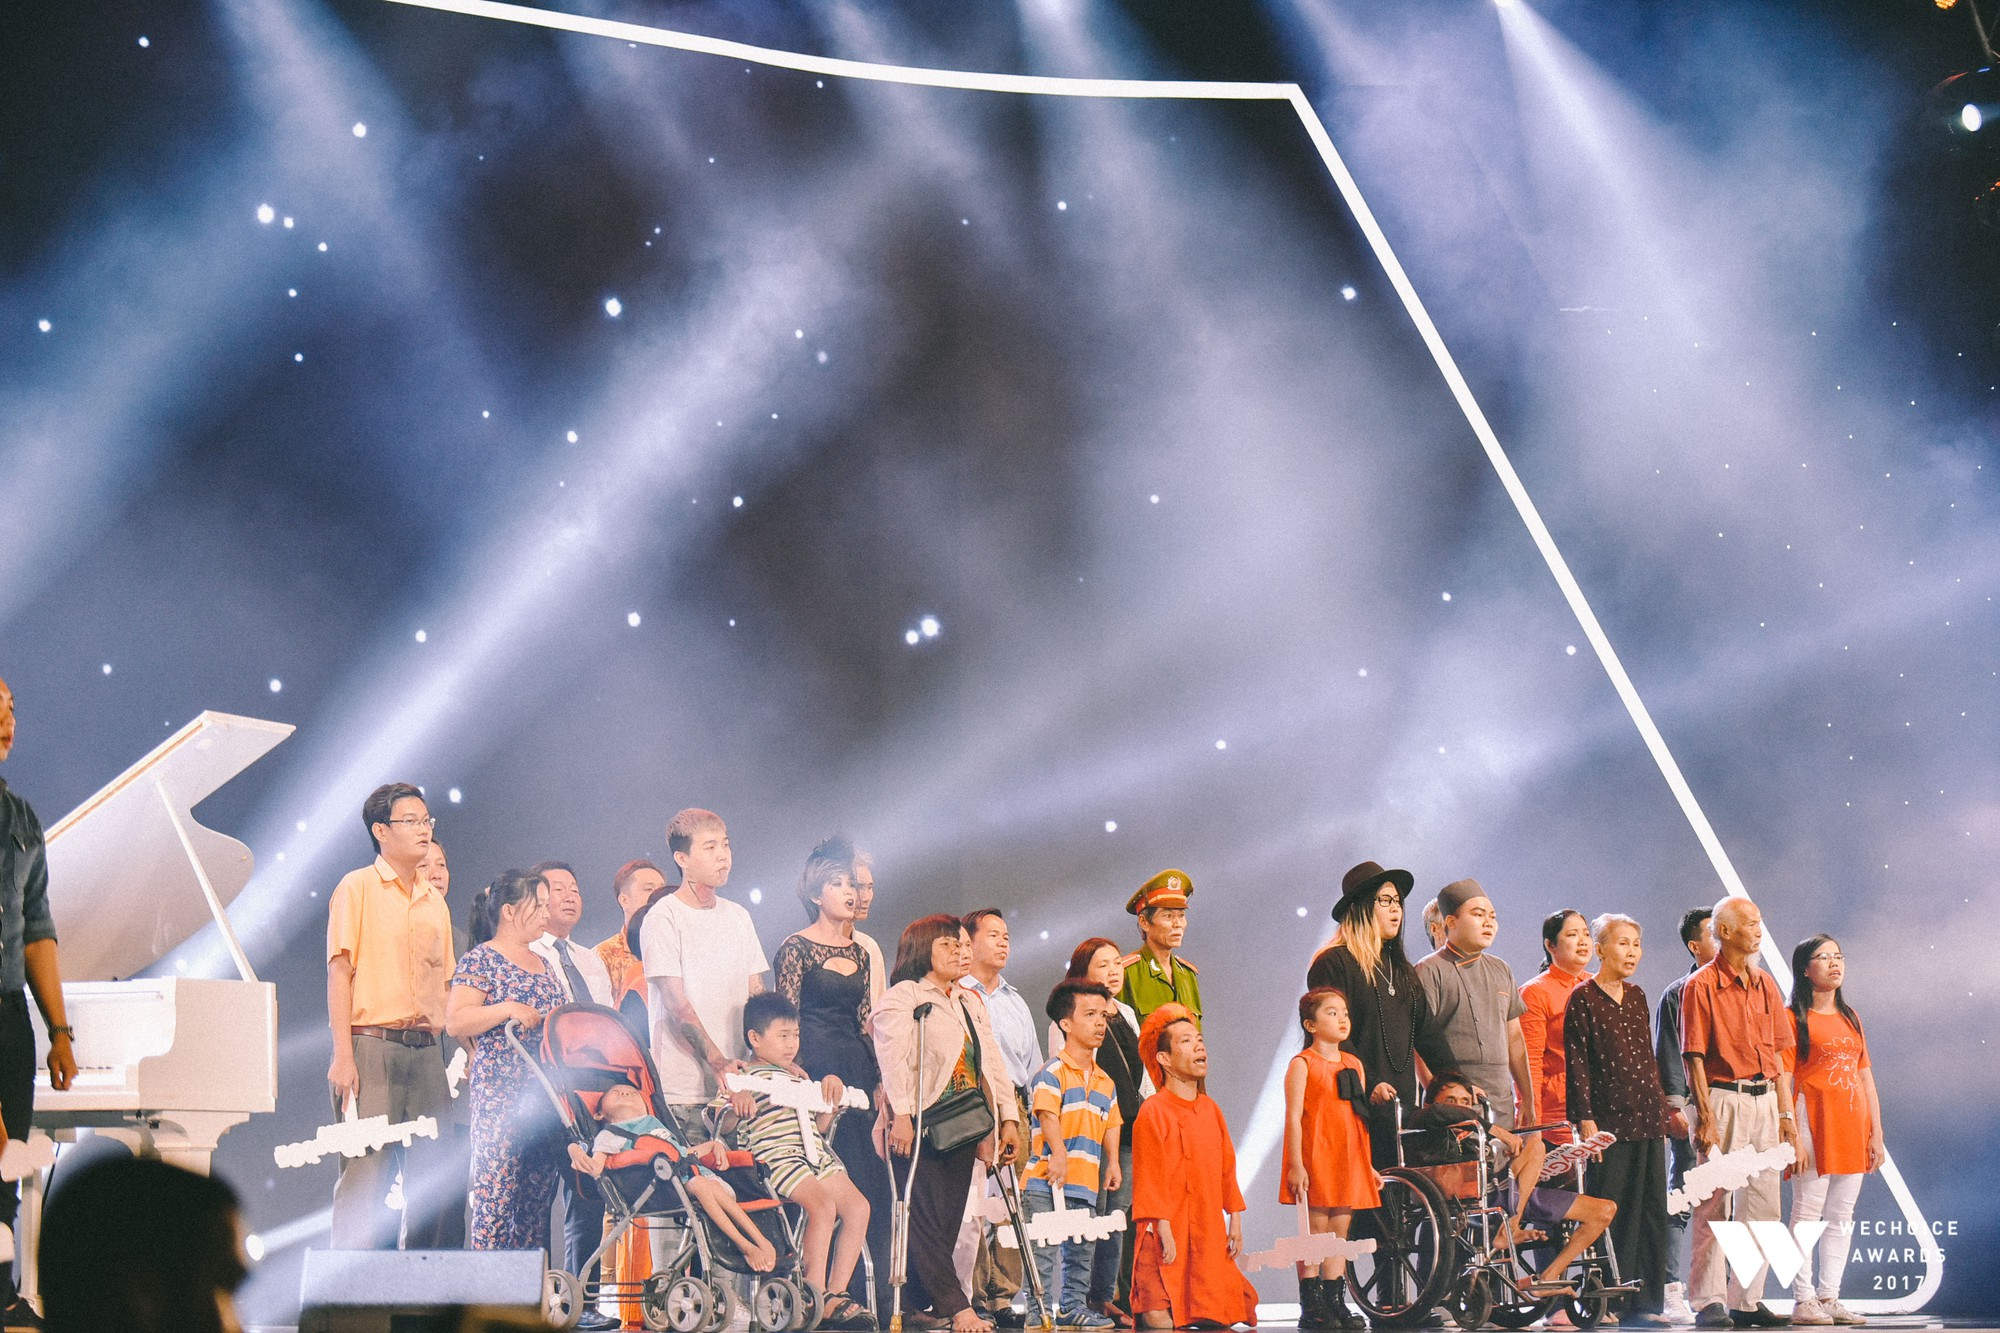 Khoảnh khắc WeChoice Awards: Đẹp nhất là khi Sơn Tùng, bé Bôm và các nghệ sĩ Việt cùng chậm lại trong dòng cảm xúc vỡ òa - Ảnh 7.